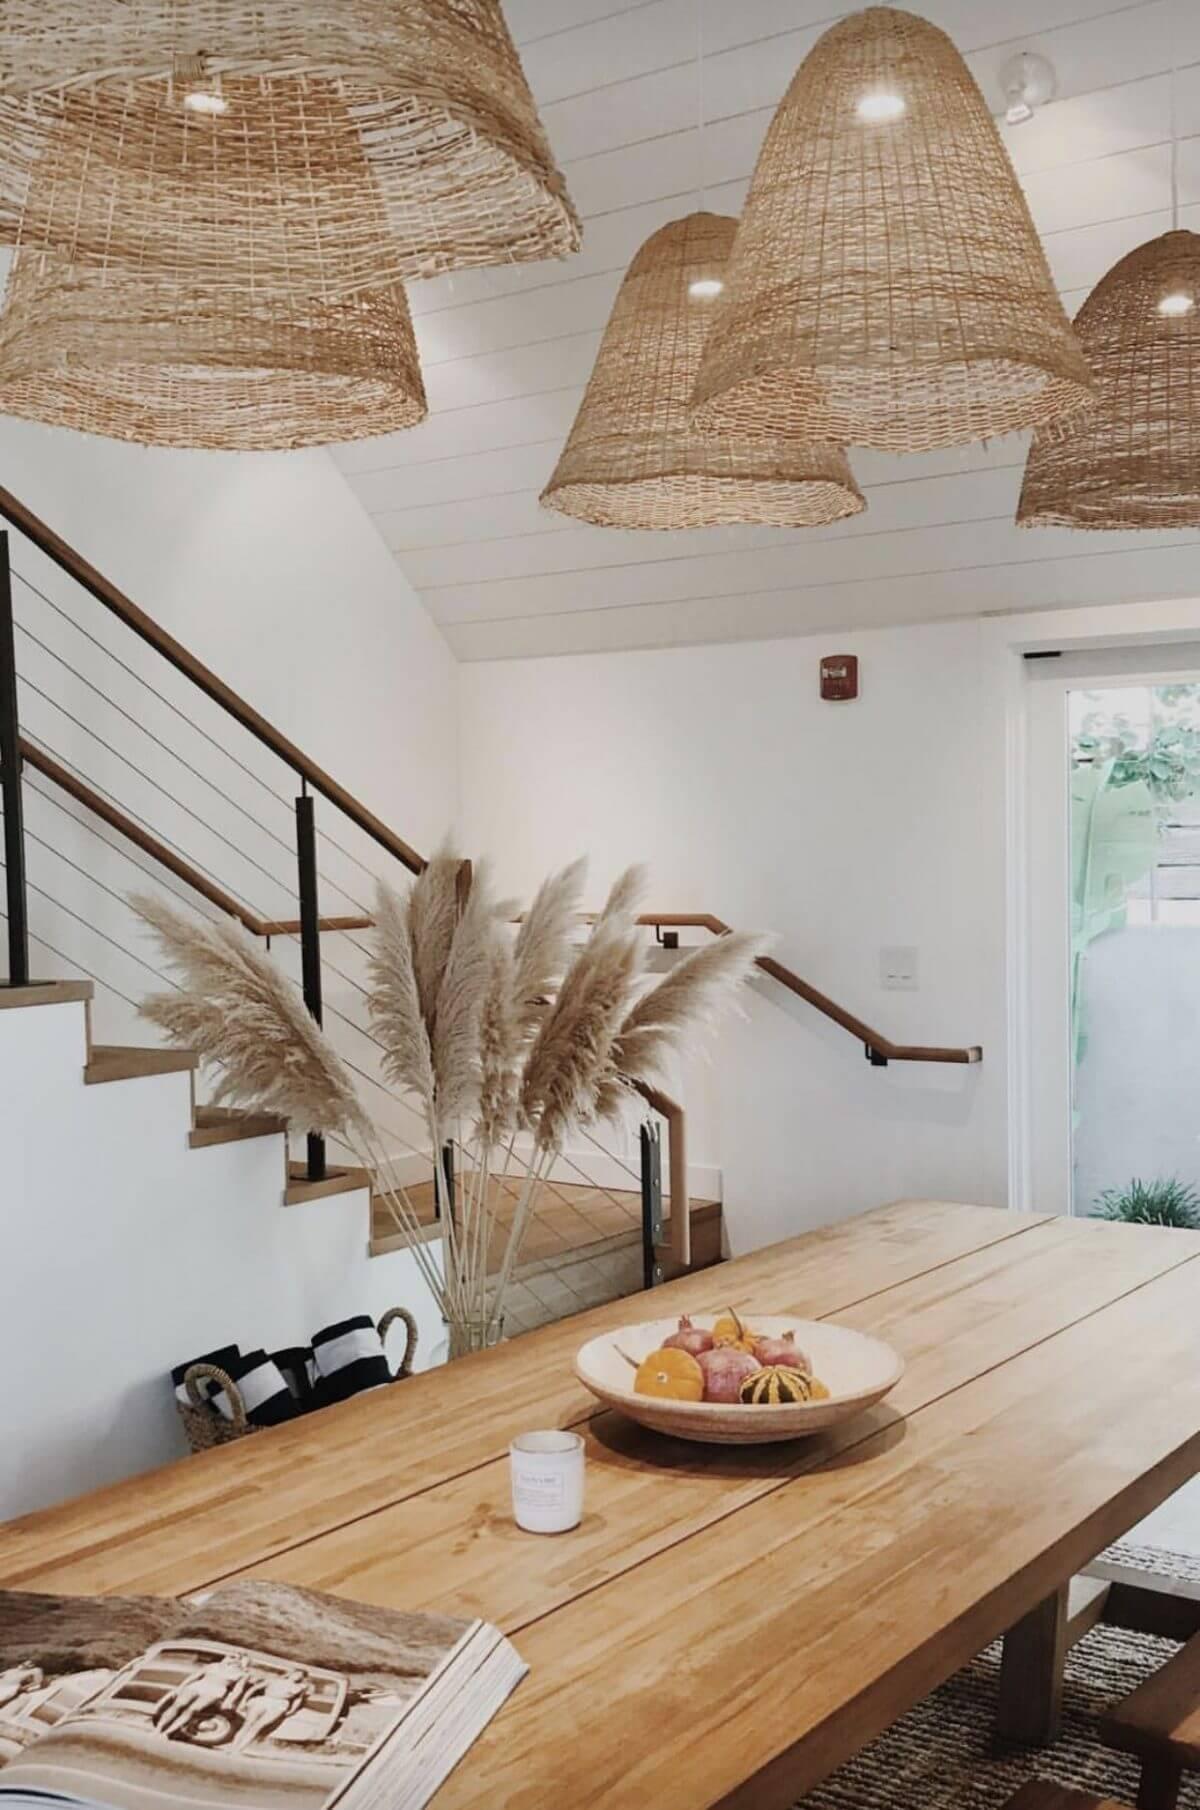 clairage intérieur dune salle à manger avec des suspension en fibres naturelles 2 - 6 règles à connaître pour réussir l'éclairage intérieur